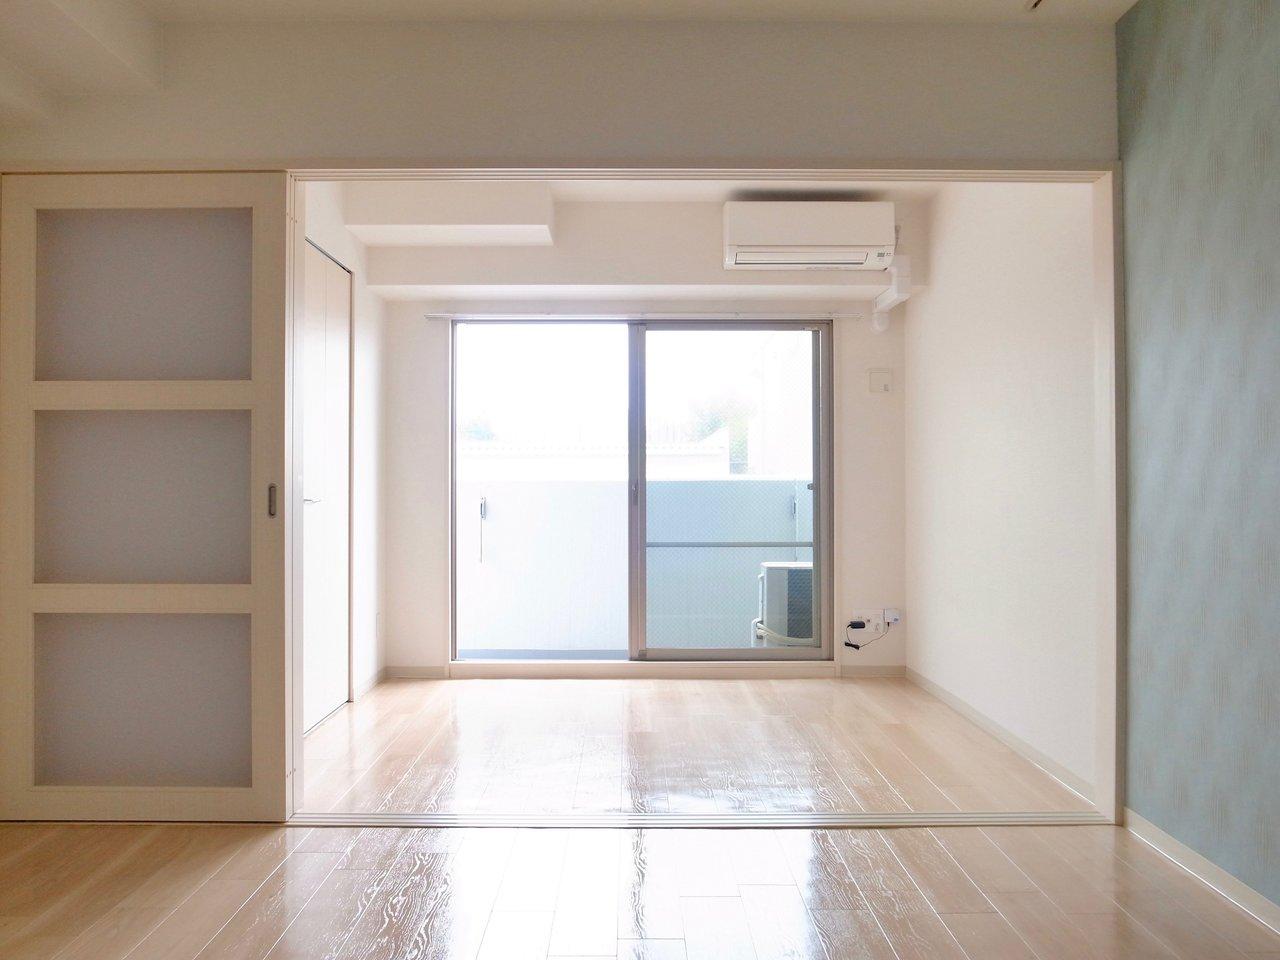 LDKと洋室は縦にこうしてつながっているので、引き戸を開ければ約13畳の広さになり、とっても快適!友人が遊びに来た時にだけ閉める、など臨機応変に使いましょう。